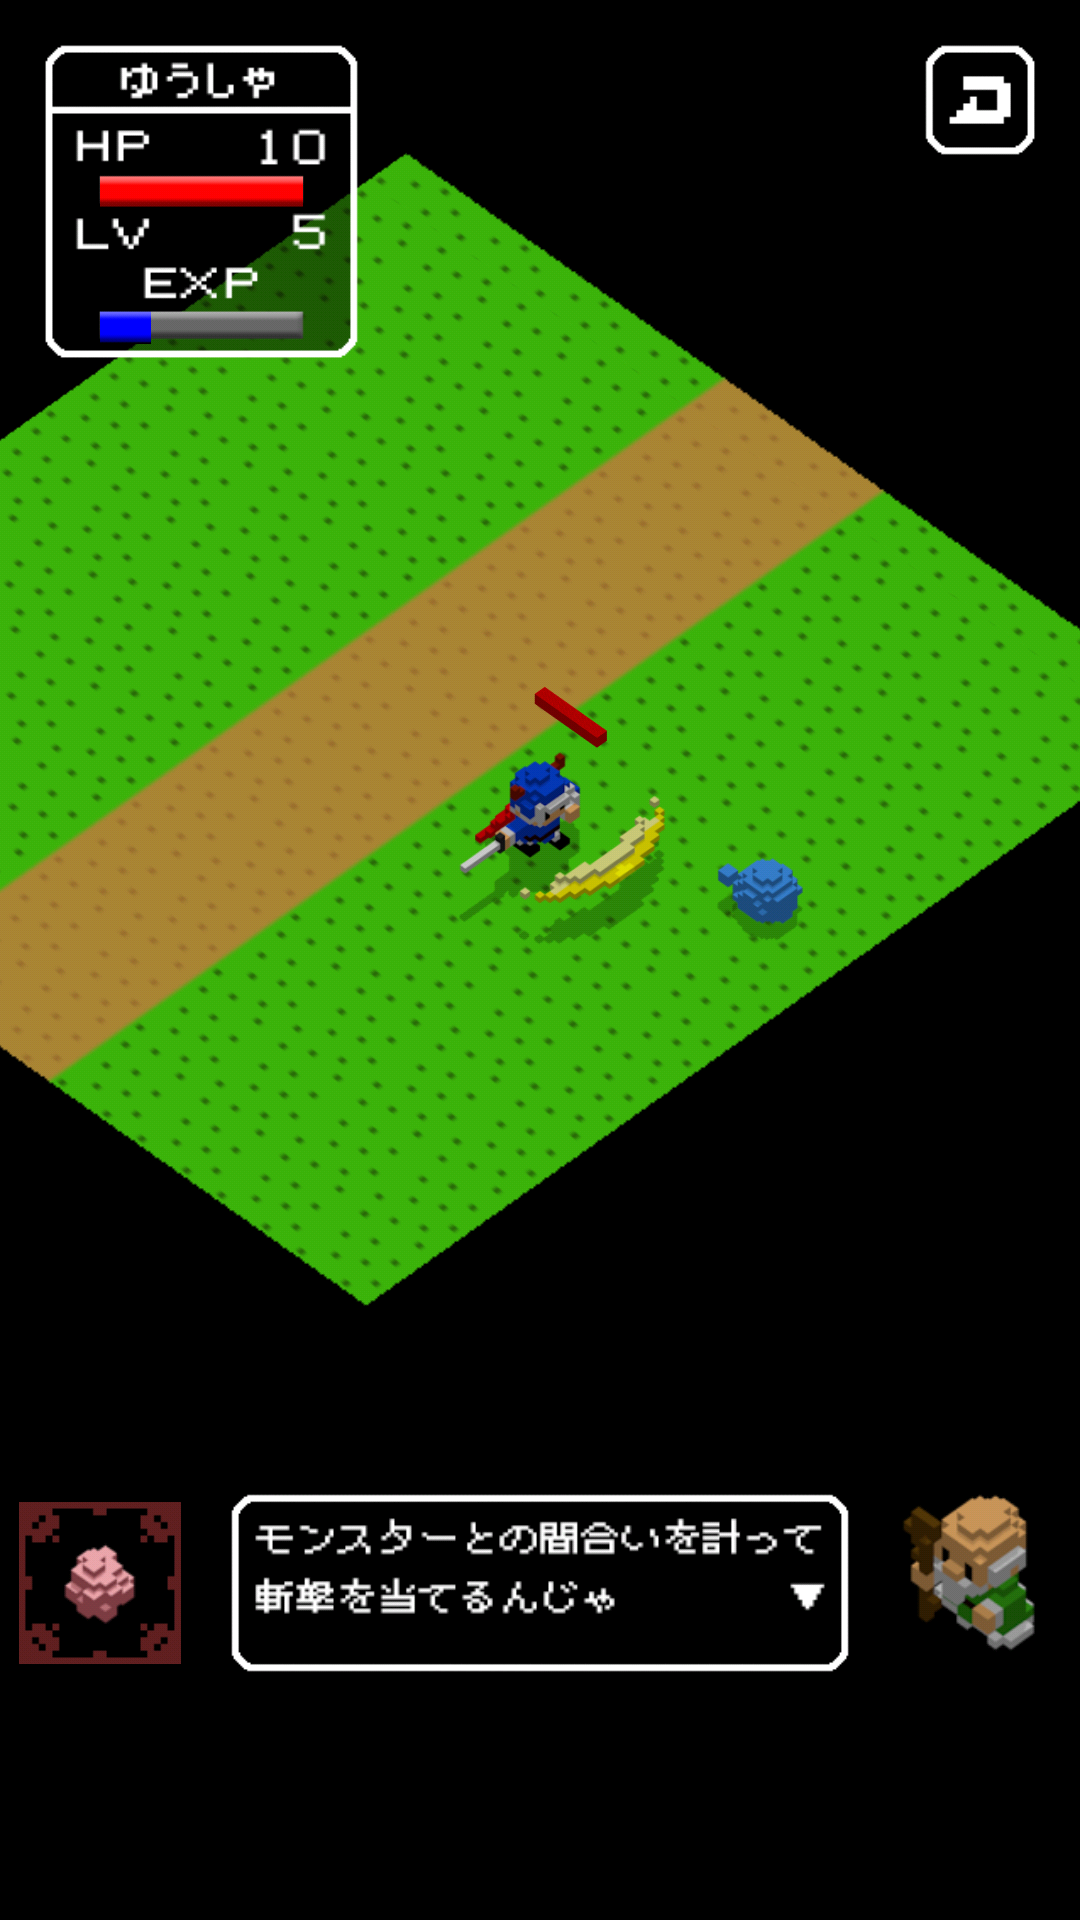 androidアプリ デーモンクエスト(Demon Quest)攻略スクリーンショット2